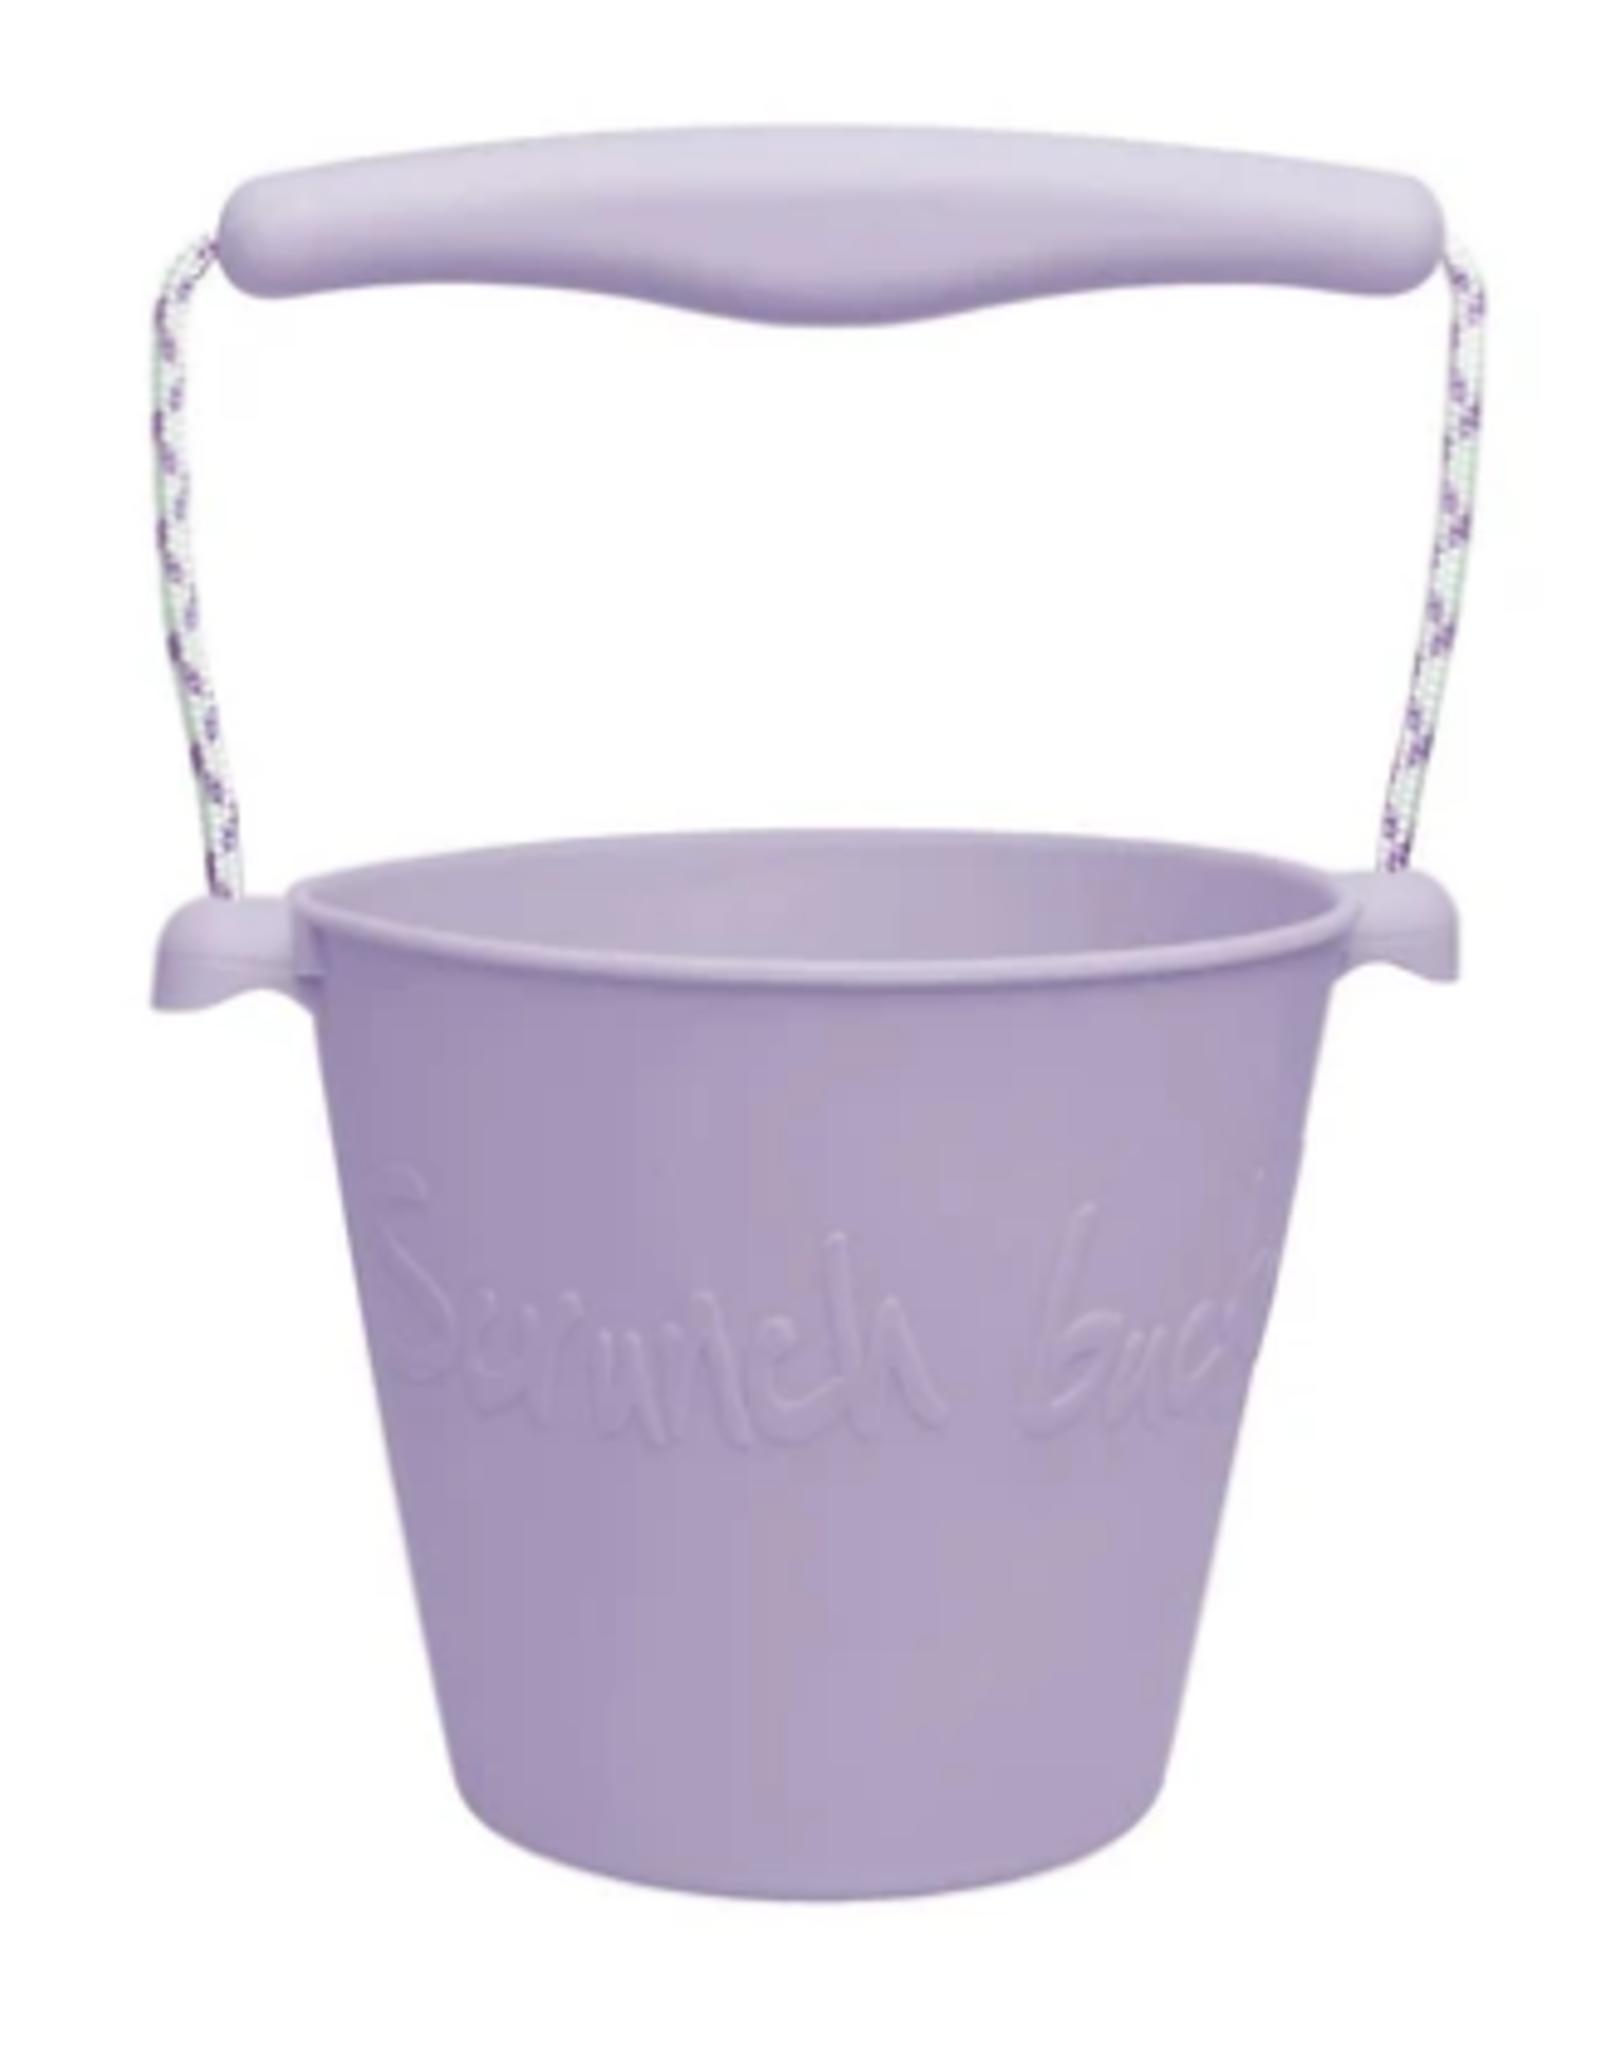 DAM Bucket Light Purple